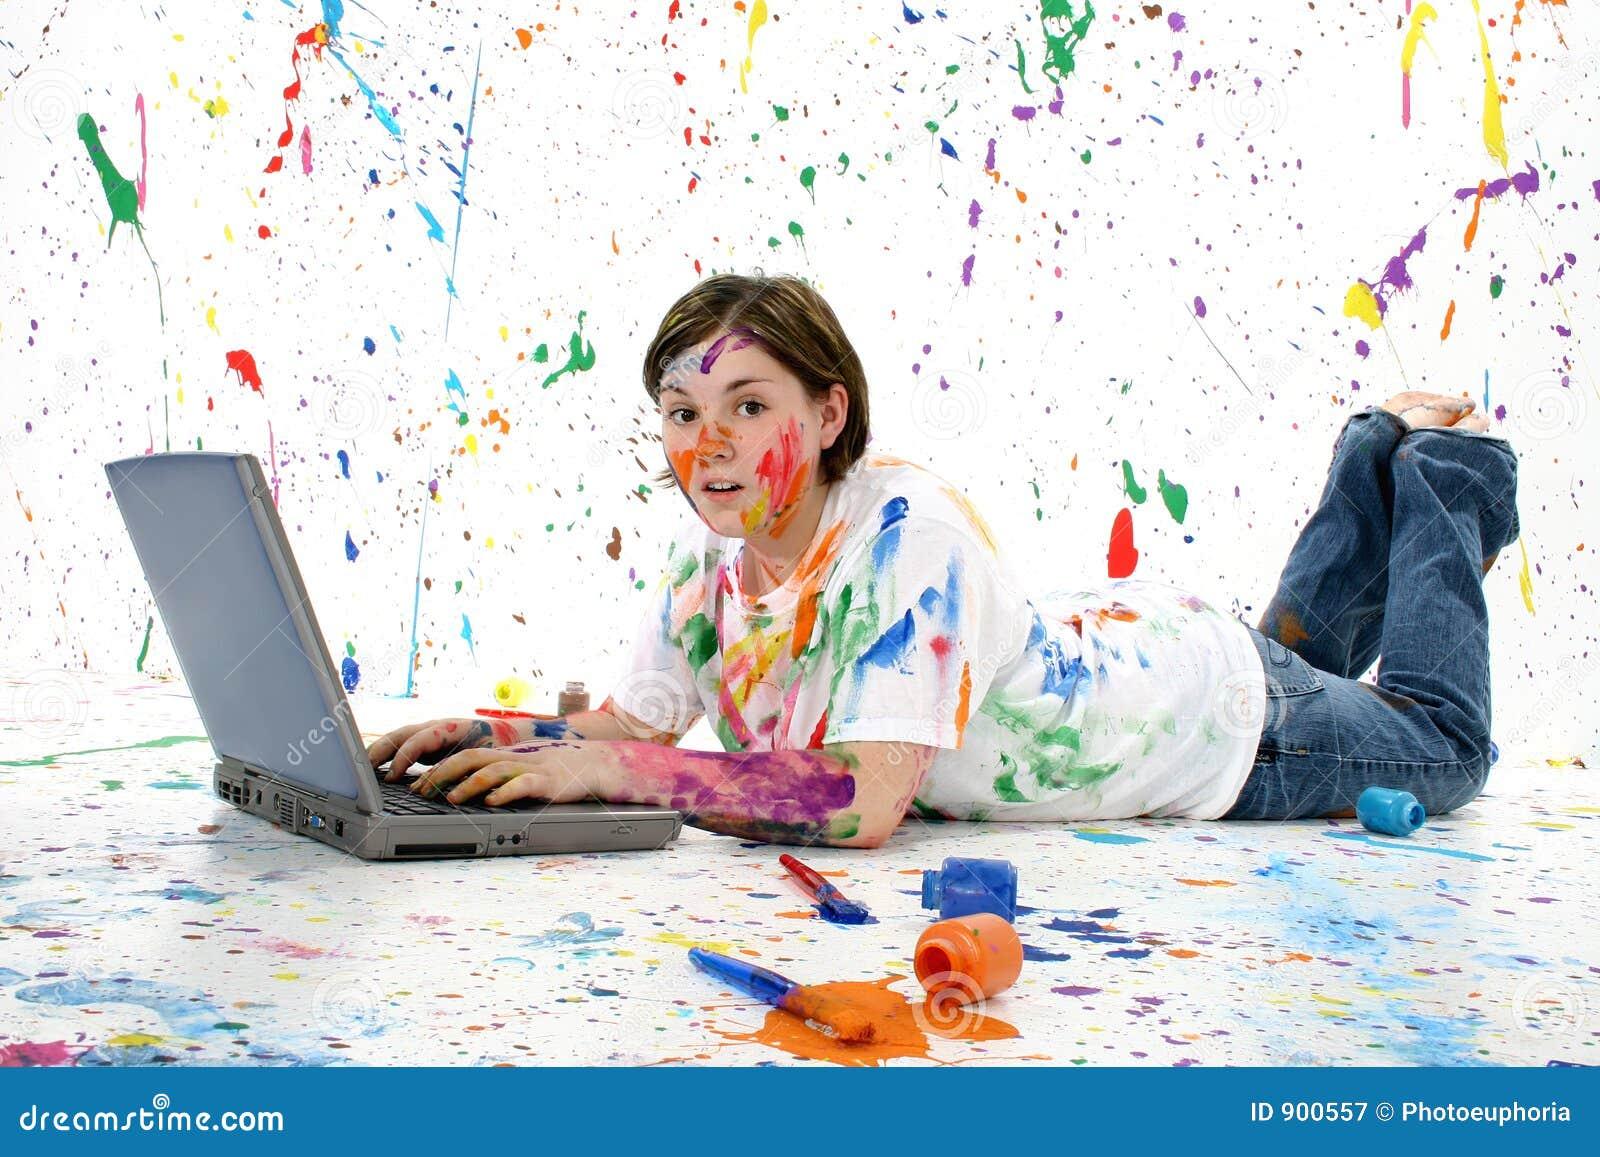 Künstlerische Teenagerbilder — bild 6